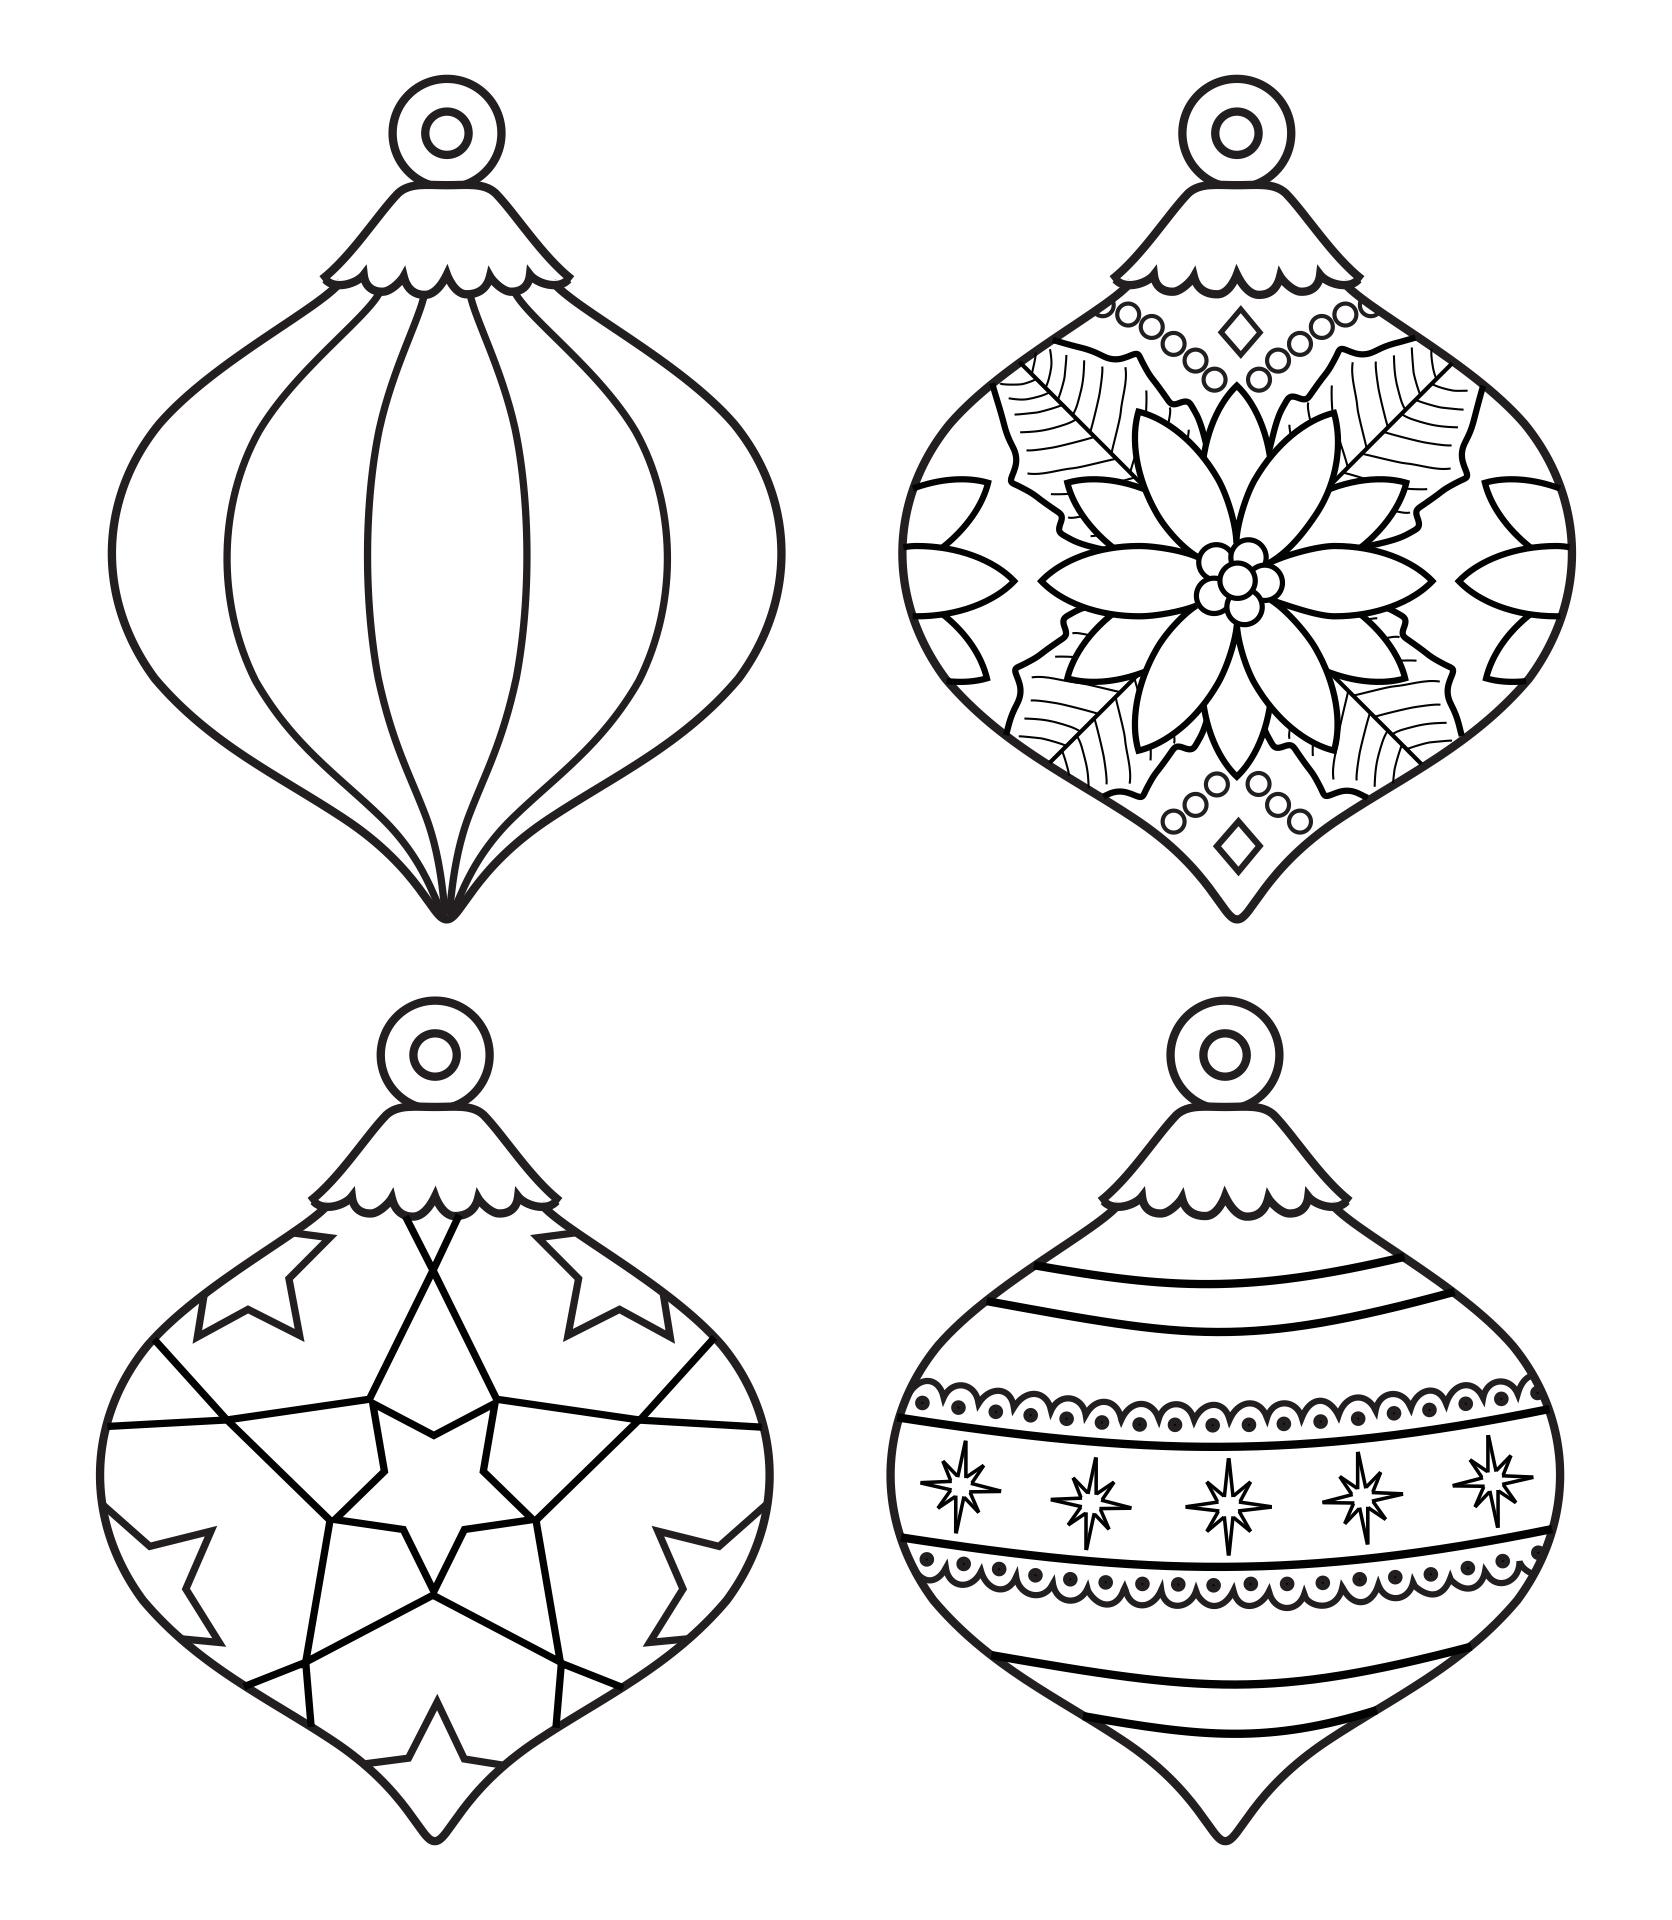 Printable Christmas Tree Ornaments Templates